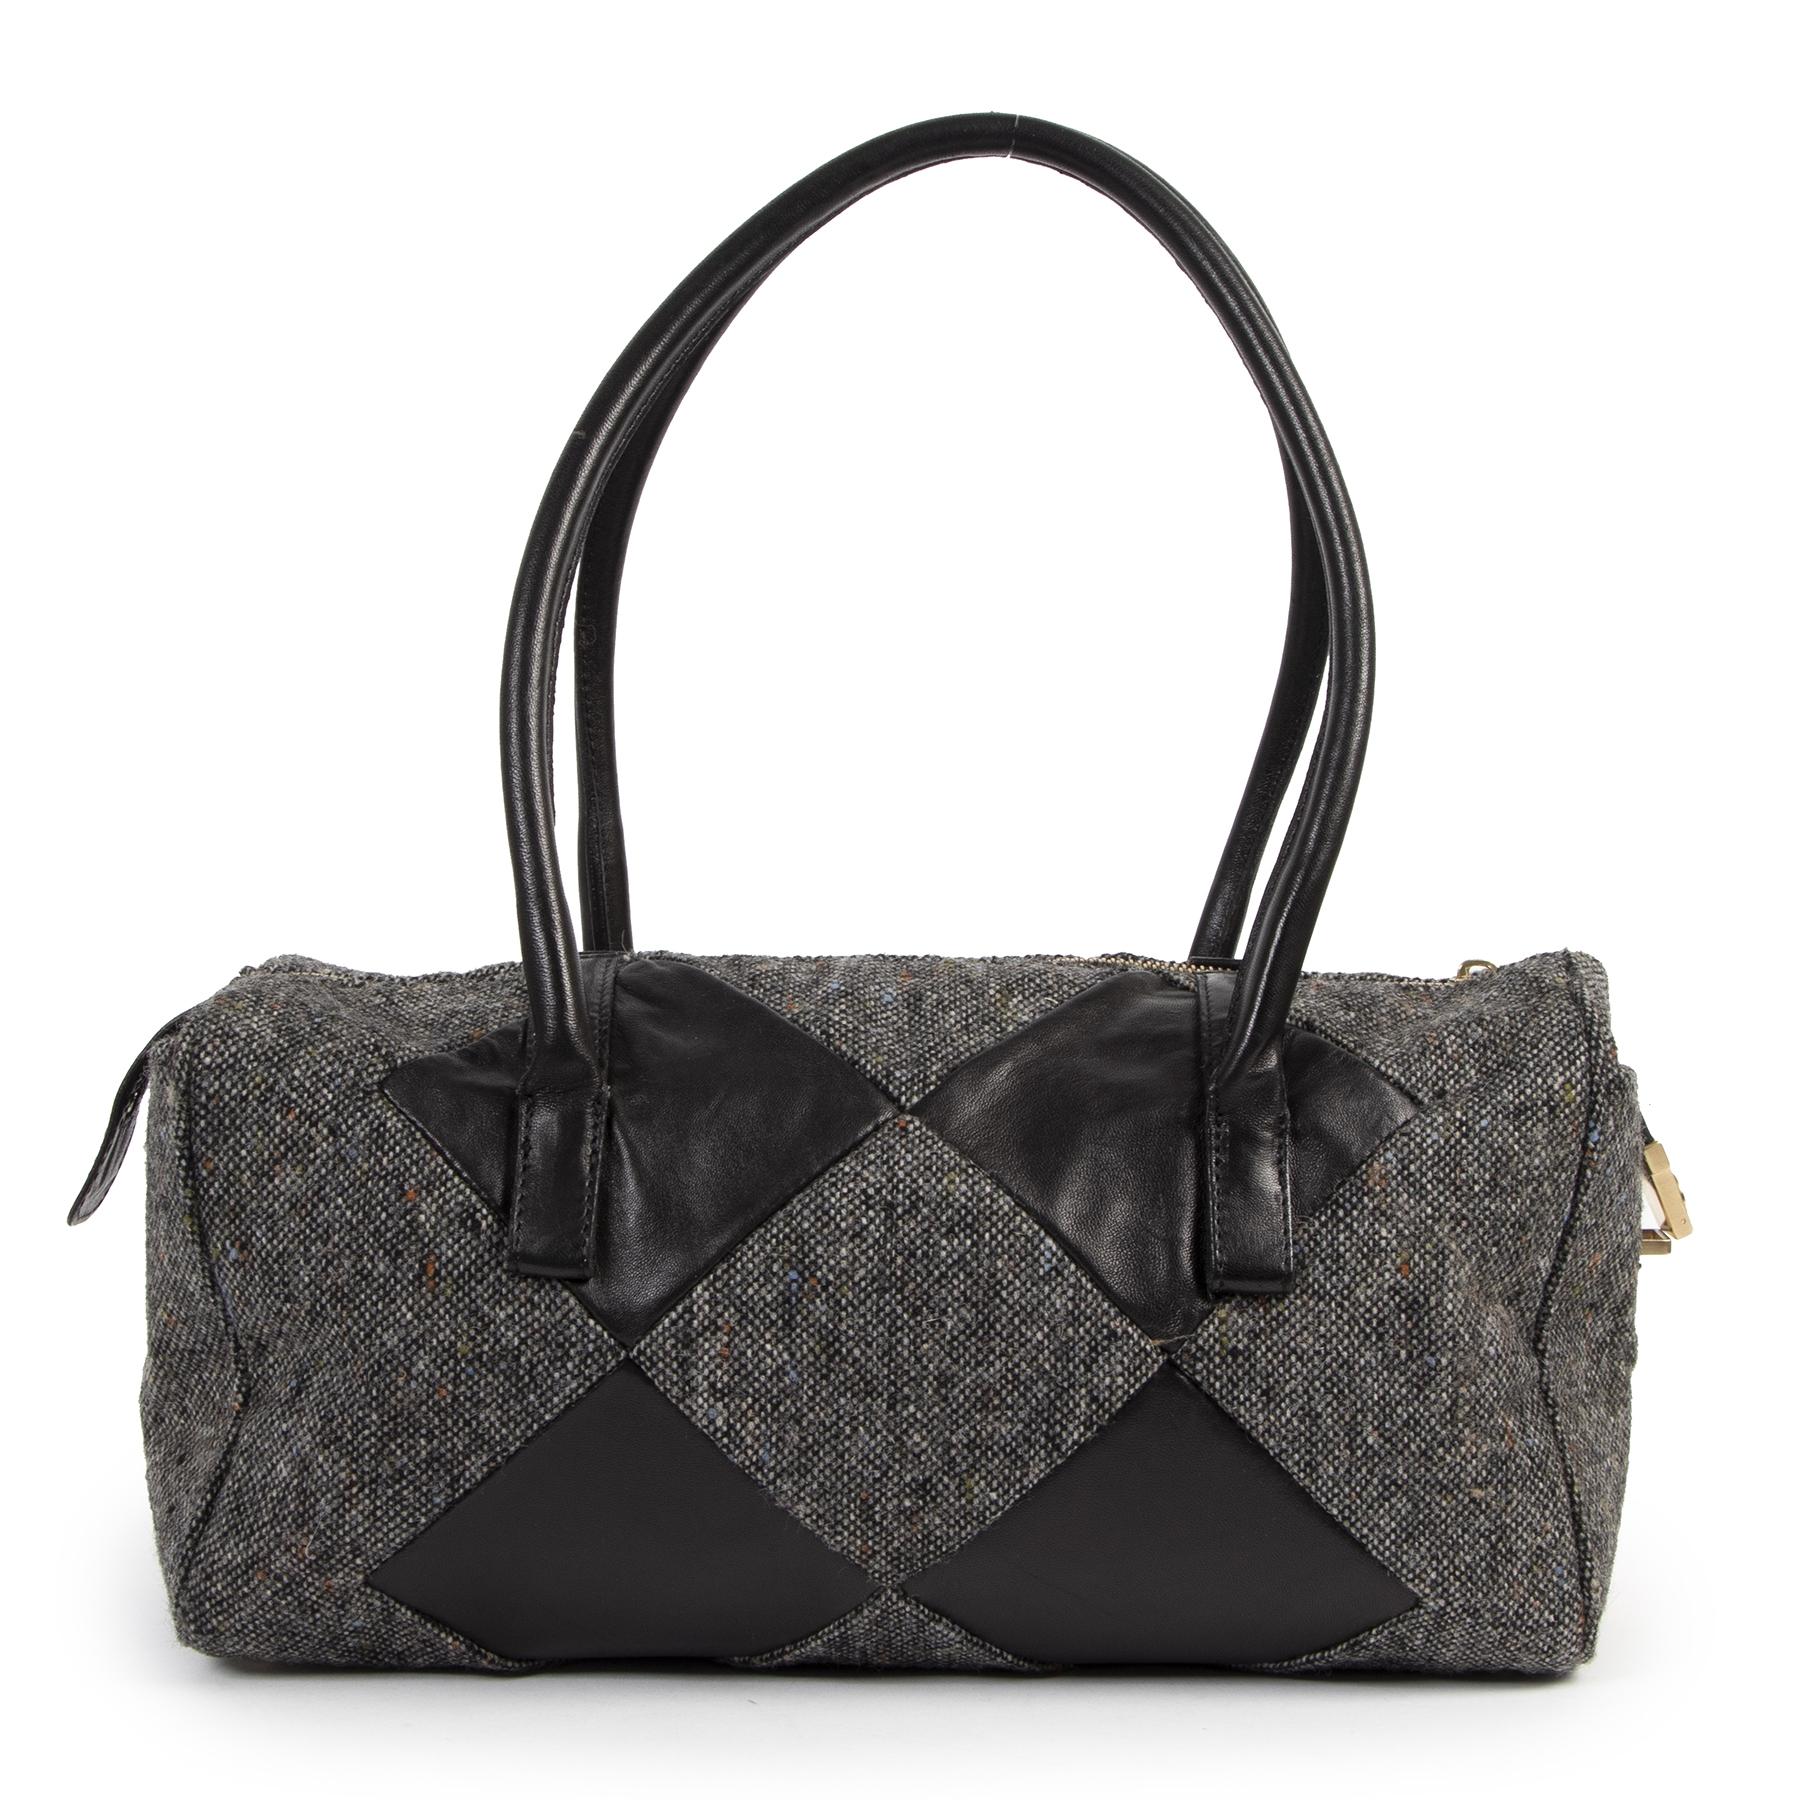 Authentic secondhand Bottega Veneta Dark Gray Shoulder Bag designer bags fashion designer brands luxury vintage webshop safe secure online shopping